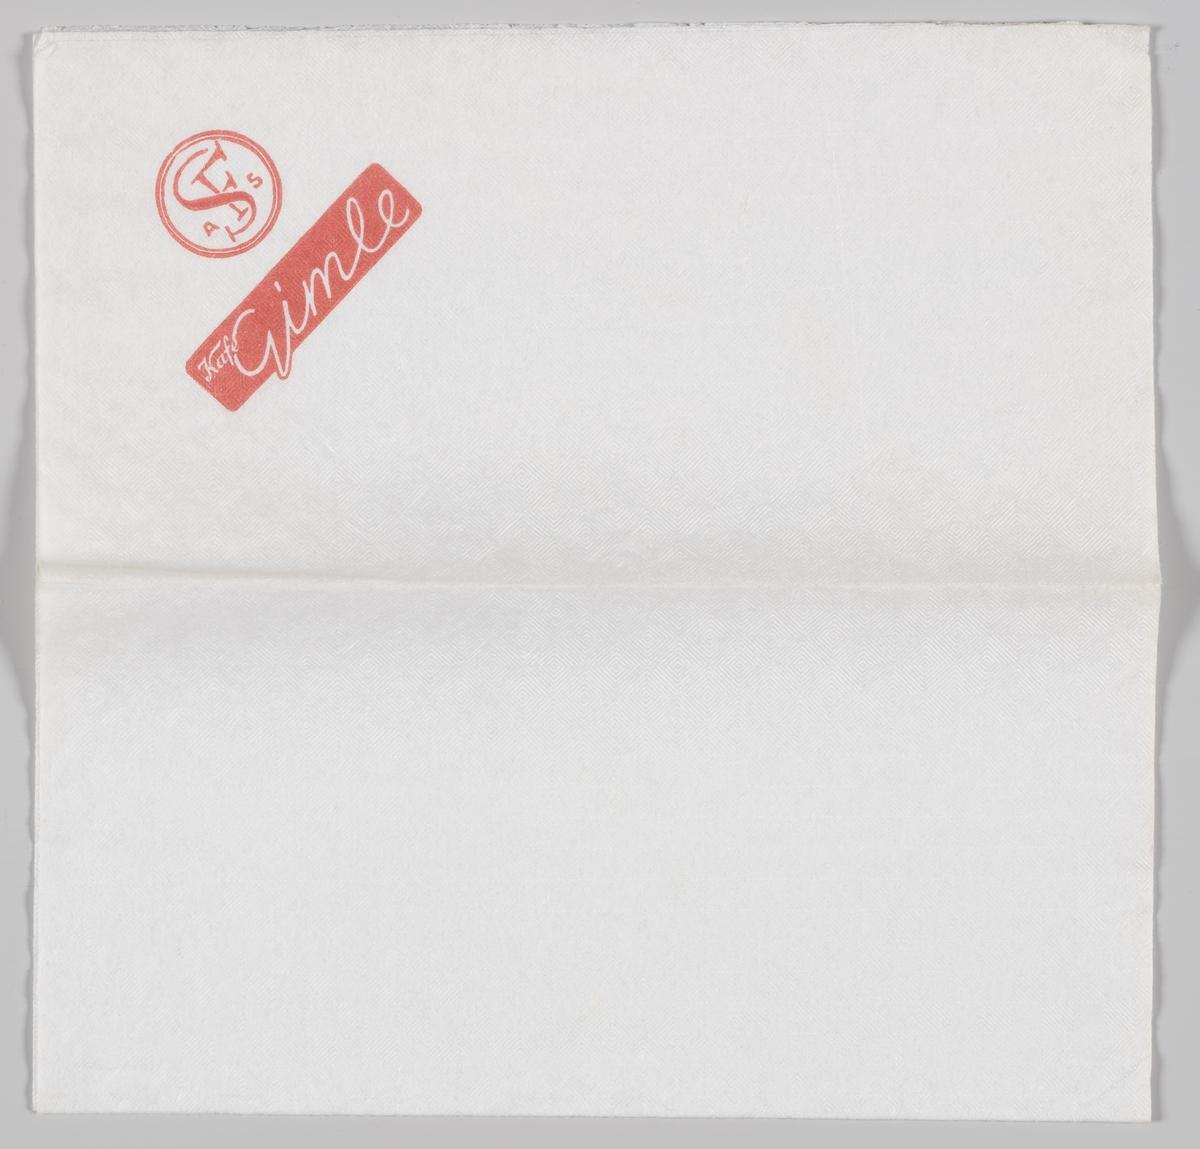 Reklametekst for Kafe Gimle og logoen til SF (kino).